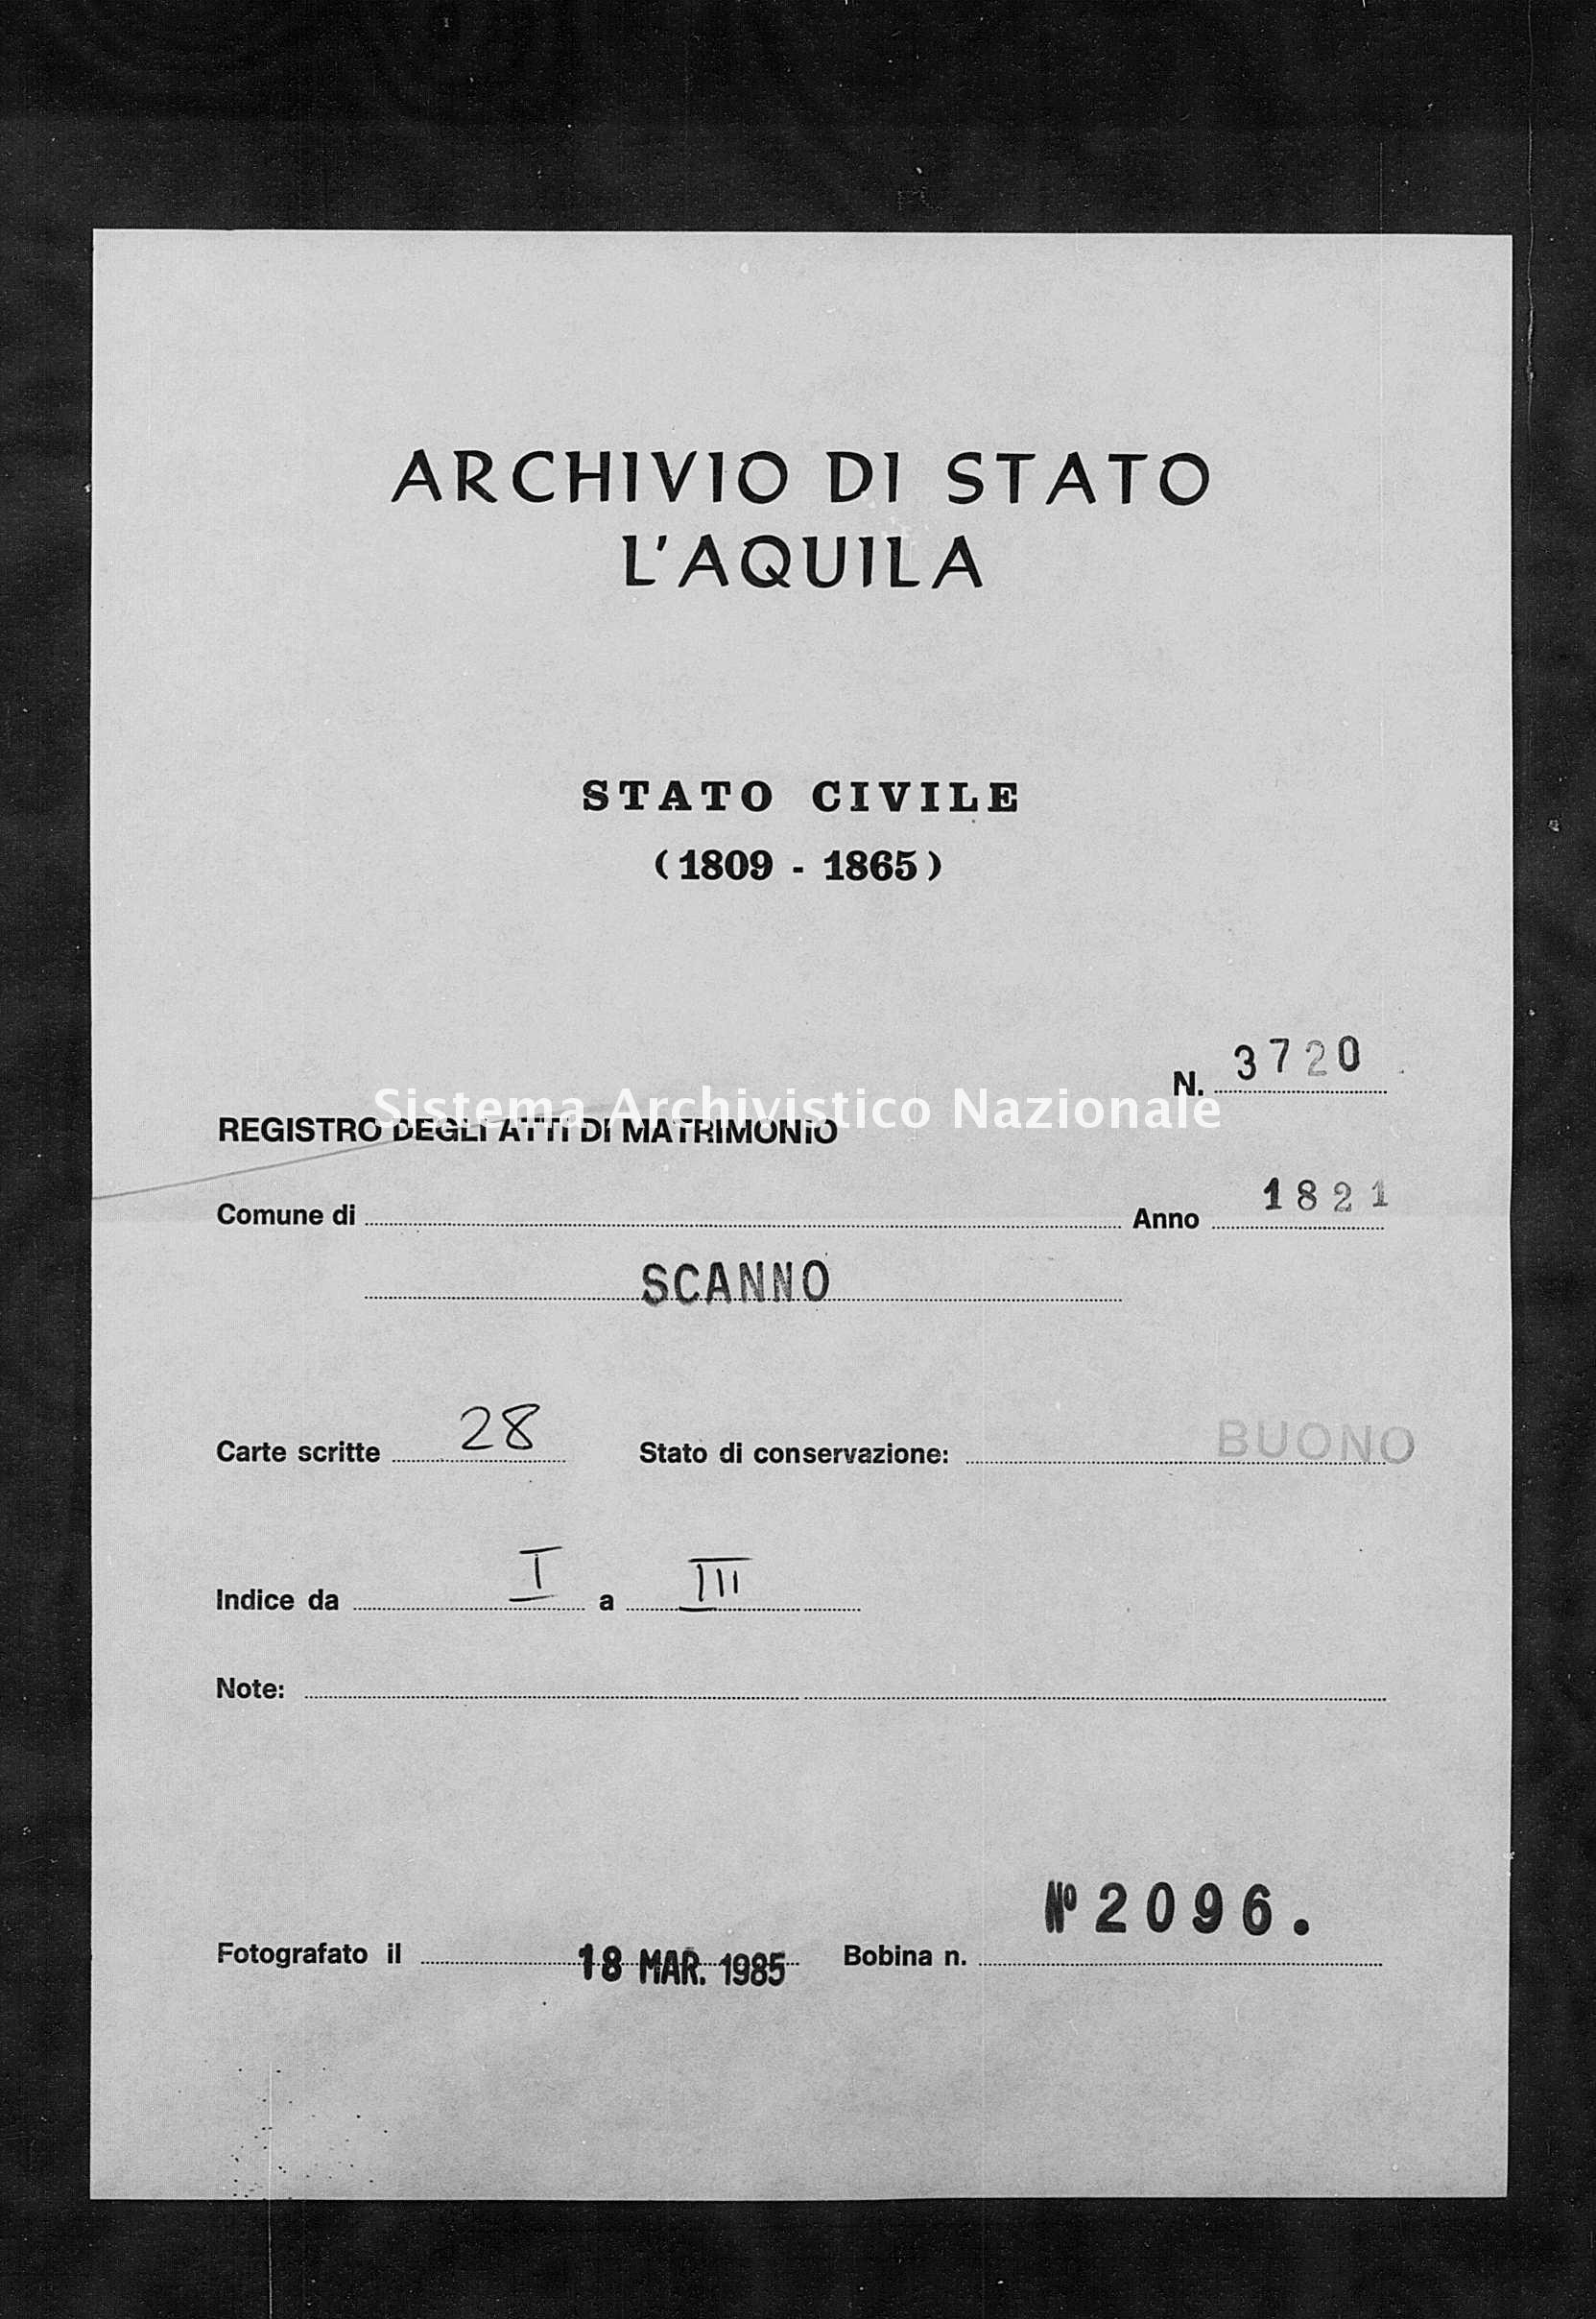 Archivio di stato di L'aquila - Stato civile della restaurazione - Scanno - Matrimoni - 1821 - 3720 -